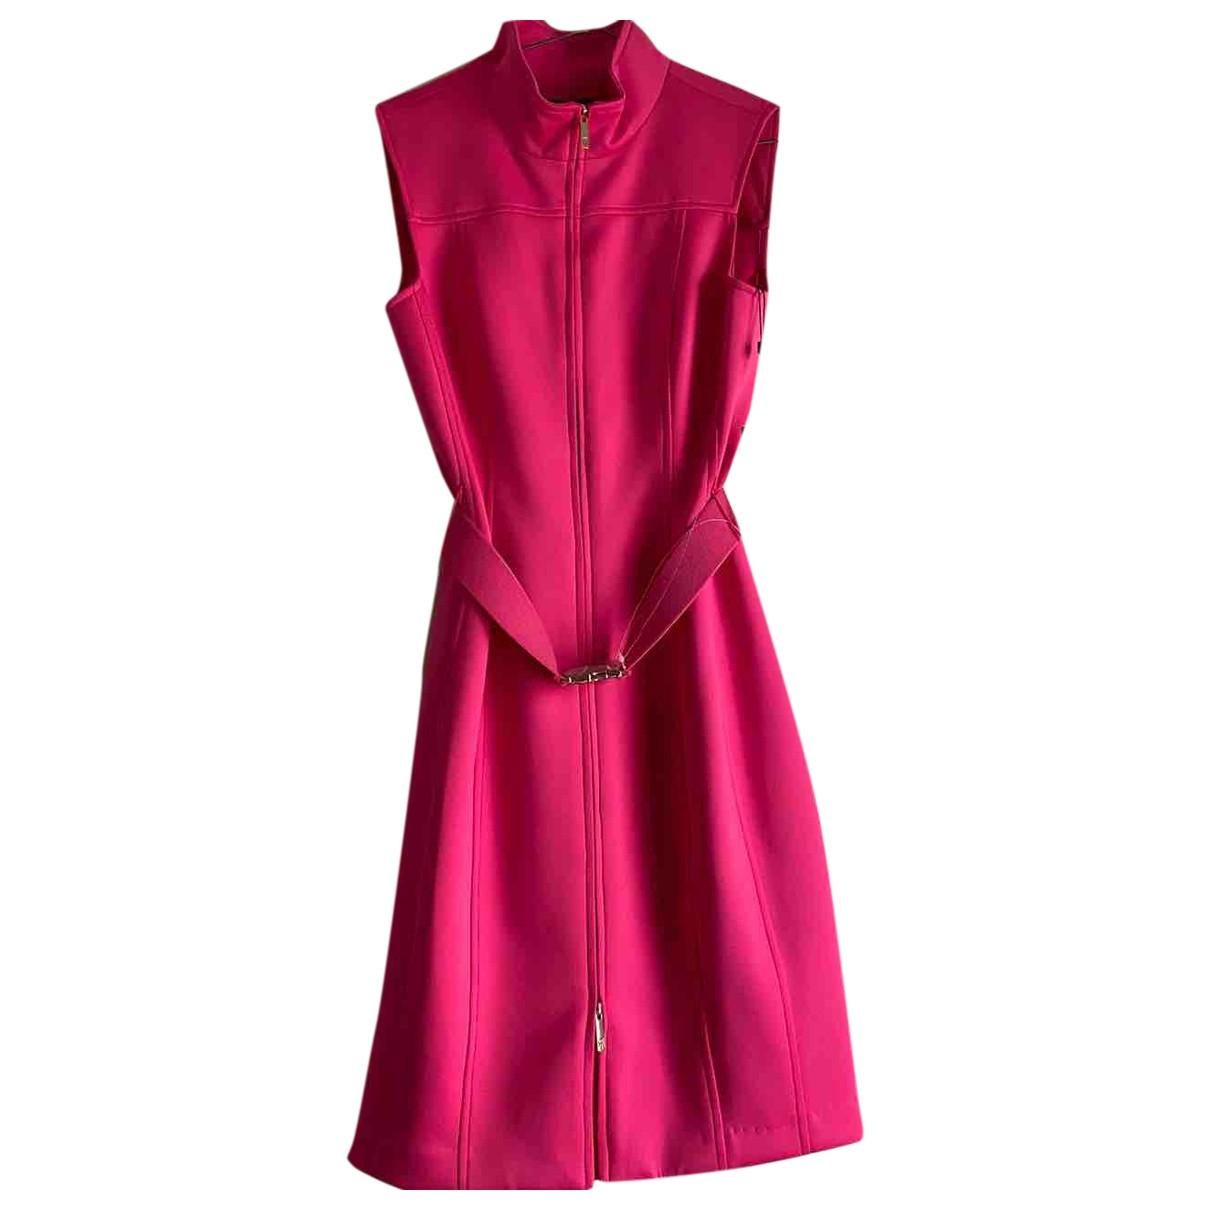 Tommy Hilfiger - Robe   pour femme - rose